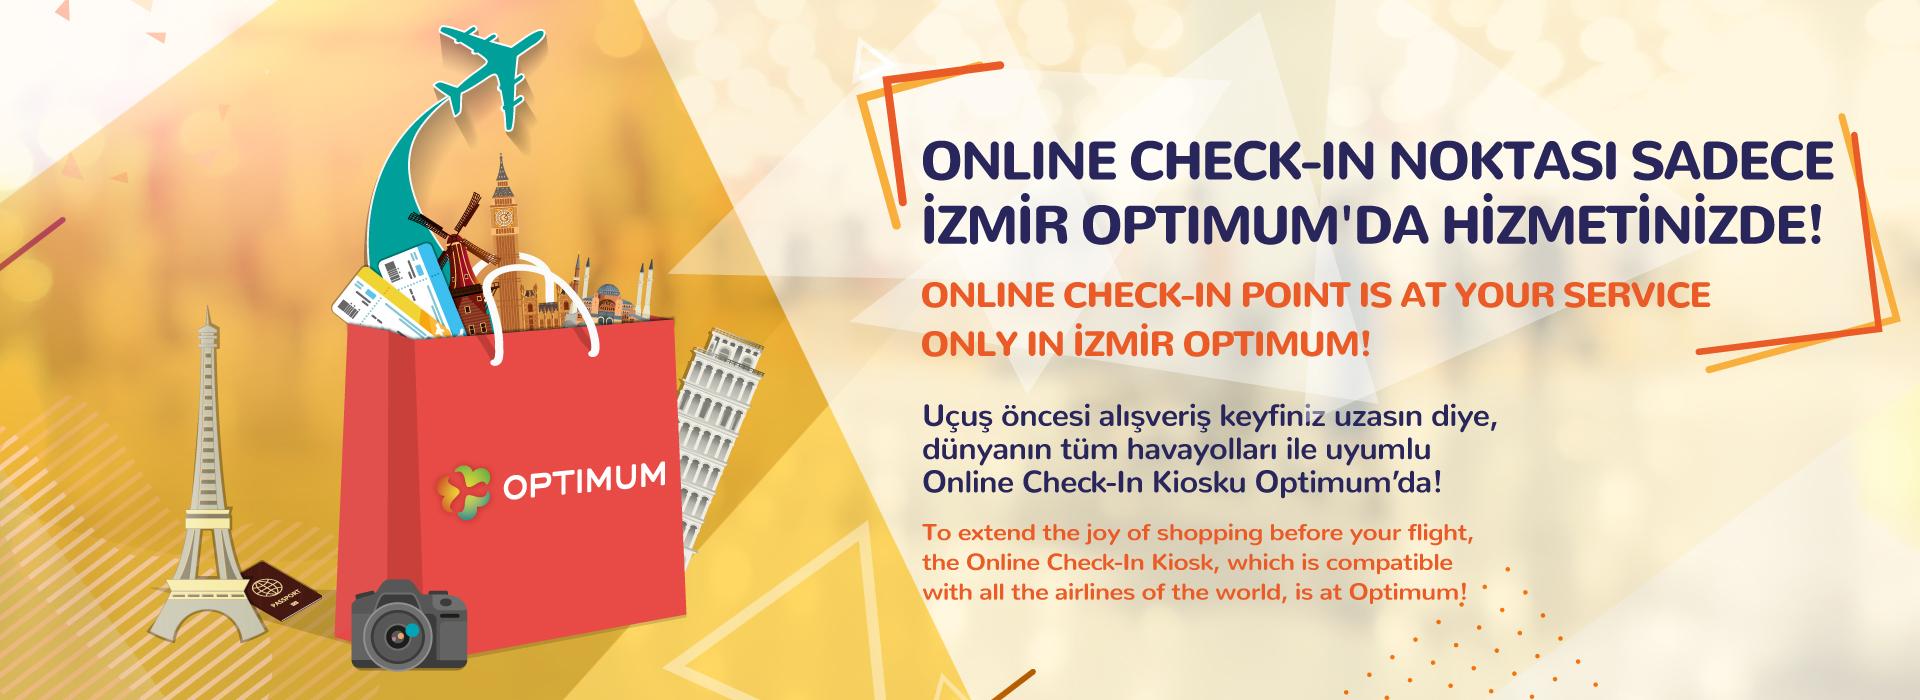 Online Check-in Noktası Sadece İzmir Optimum'da Hizmetinizde